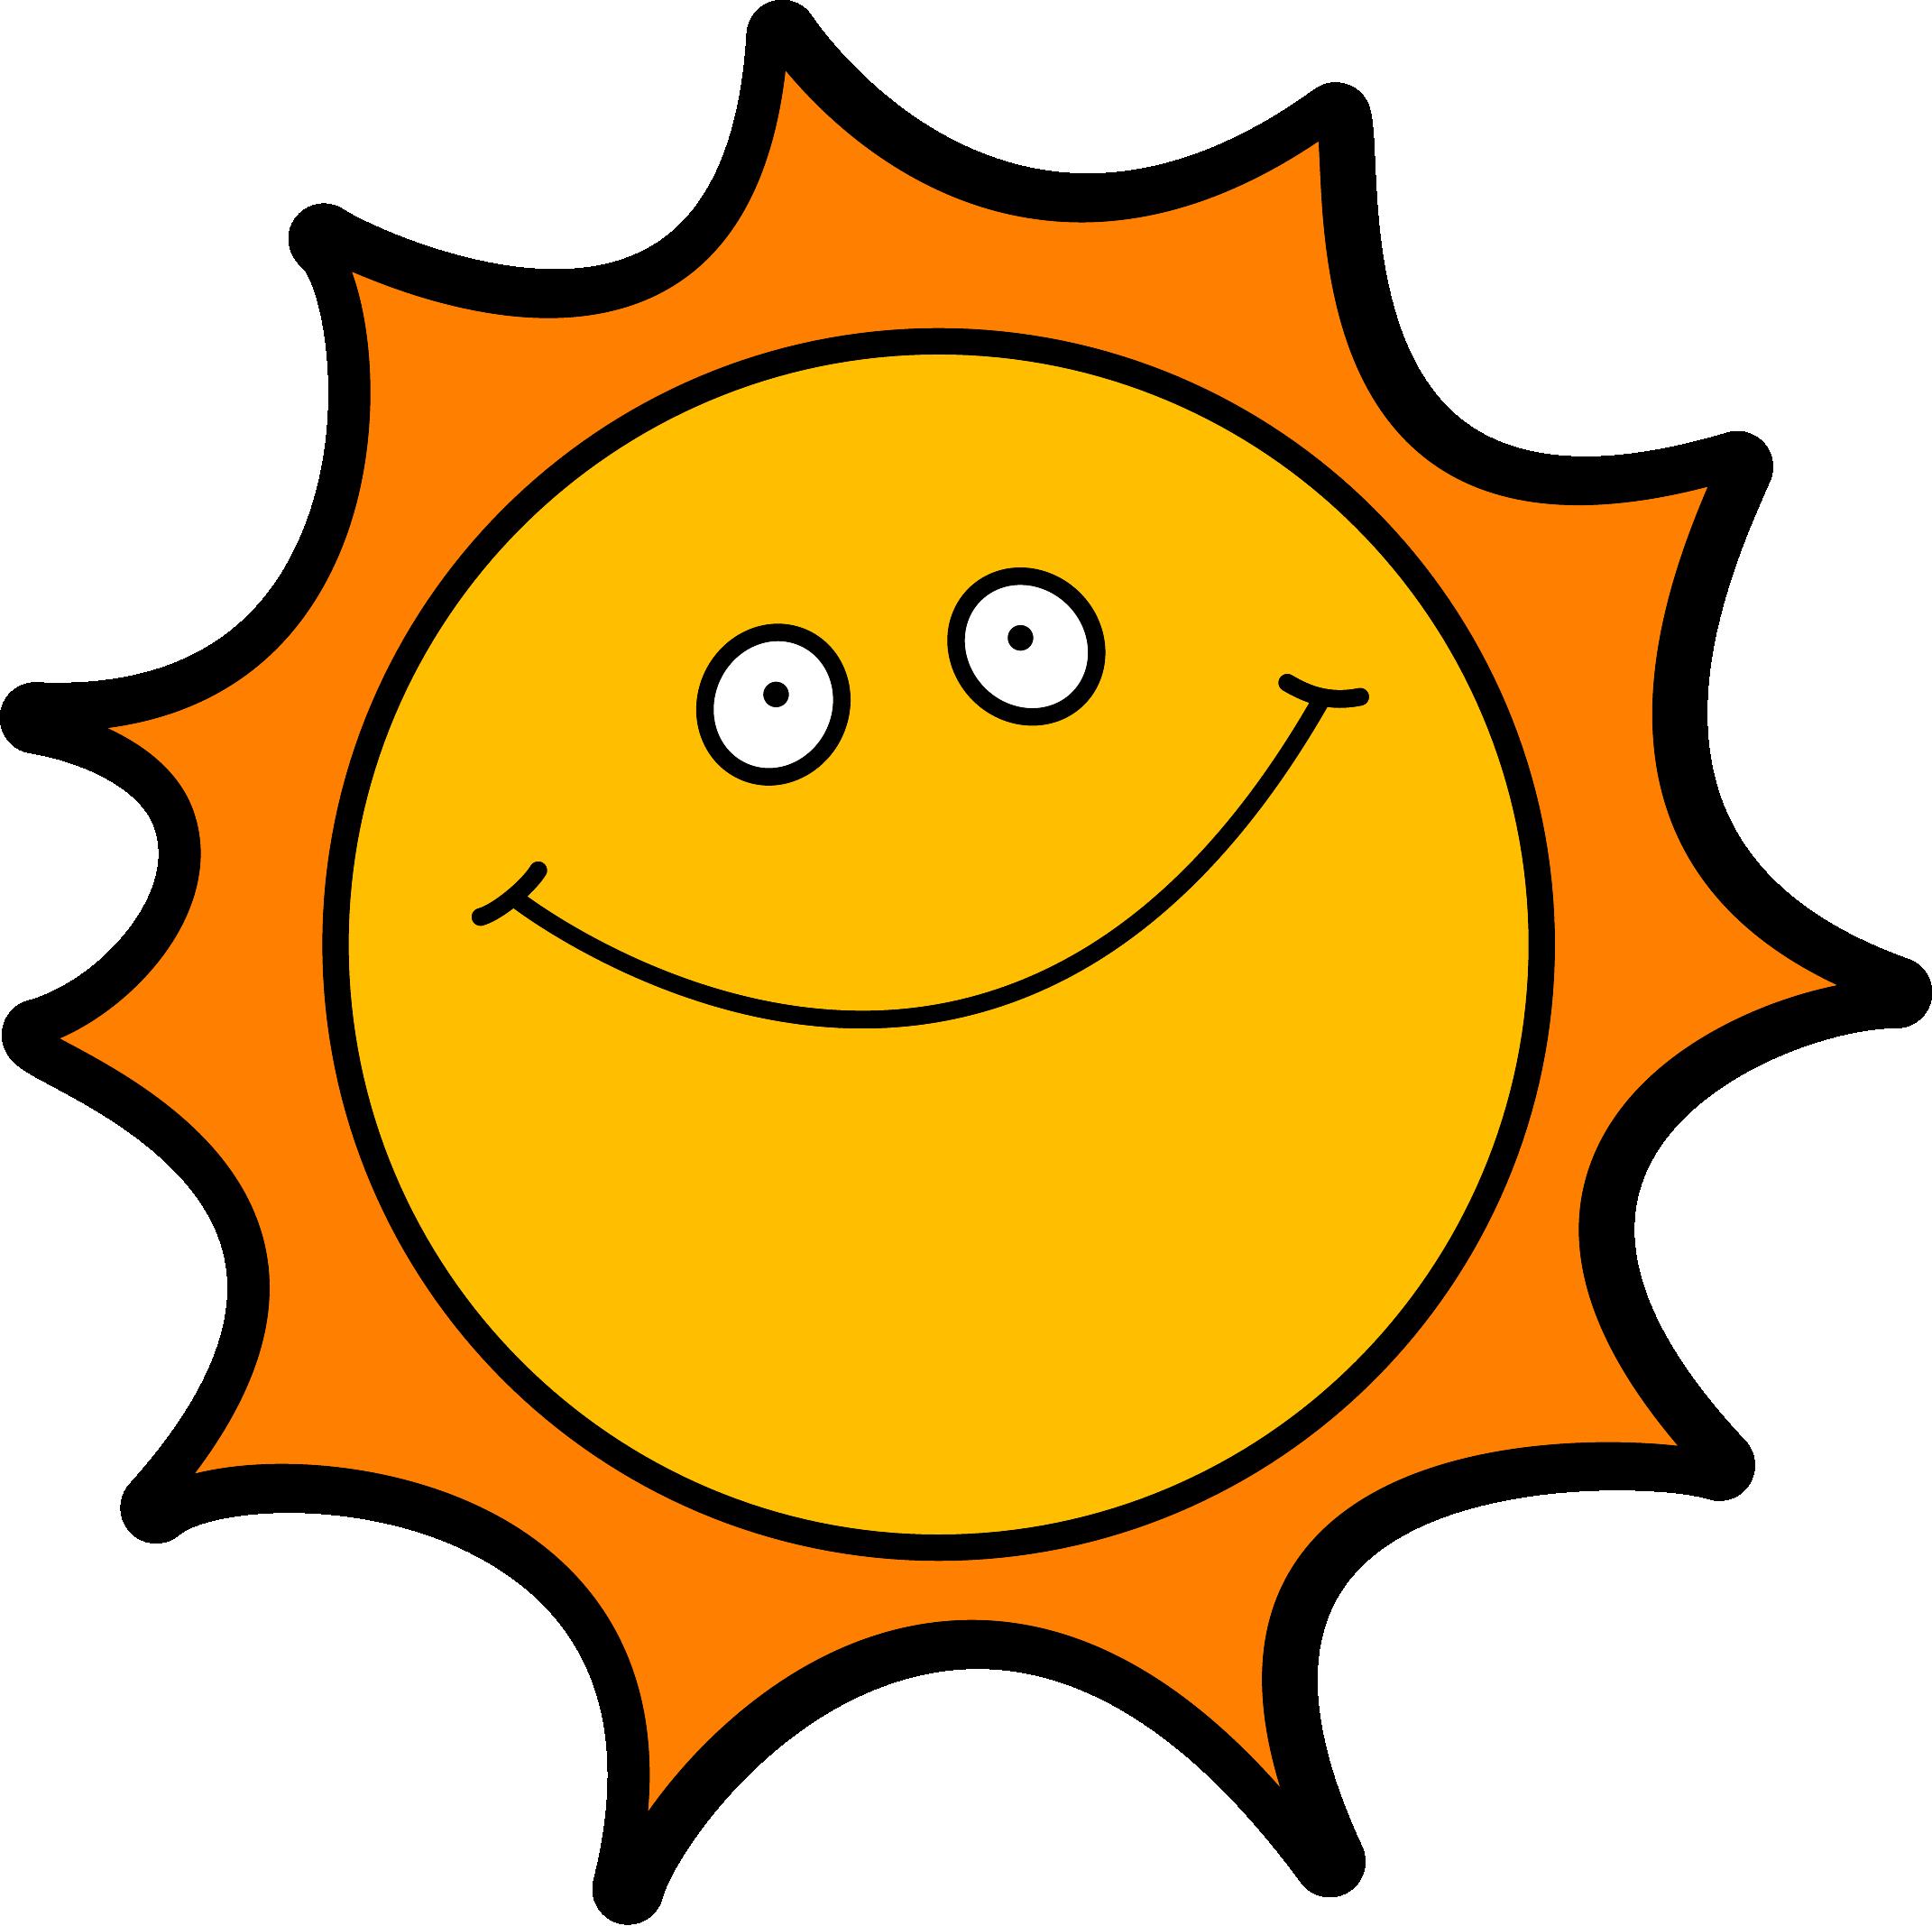 2142x2135 Sunshine Sun Clip Art Free Clipart Images 4 Clipartcow Clipartix